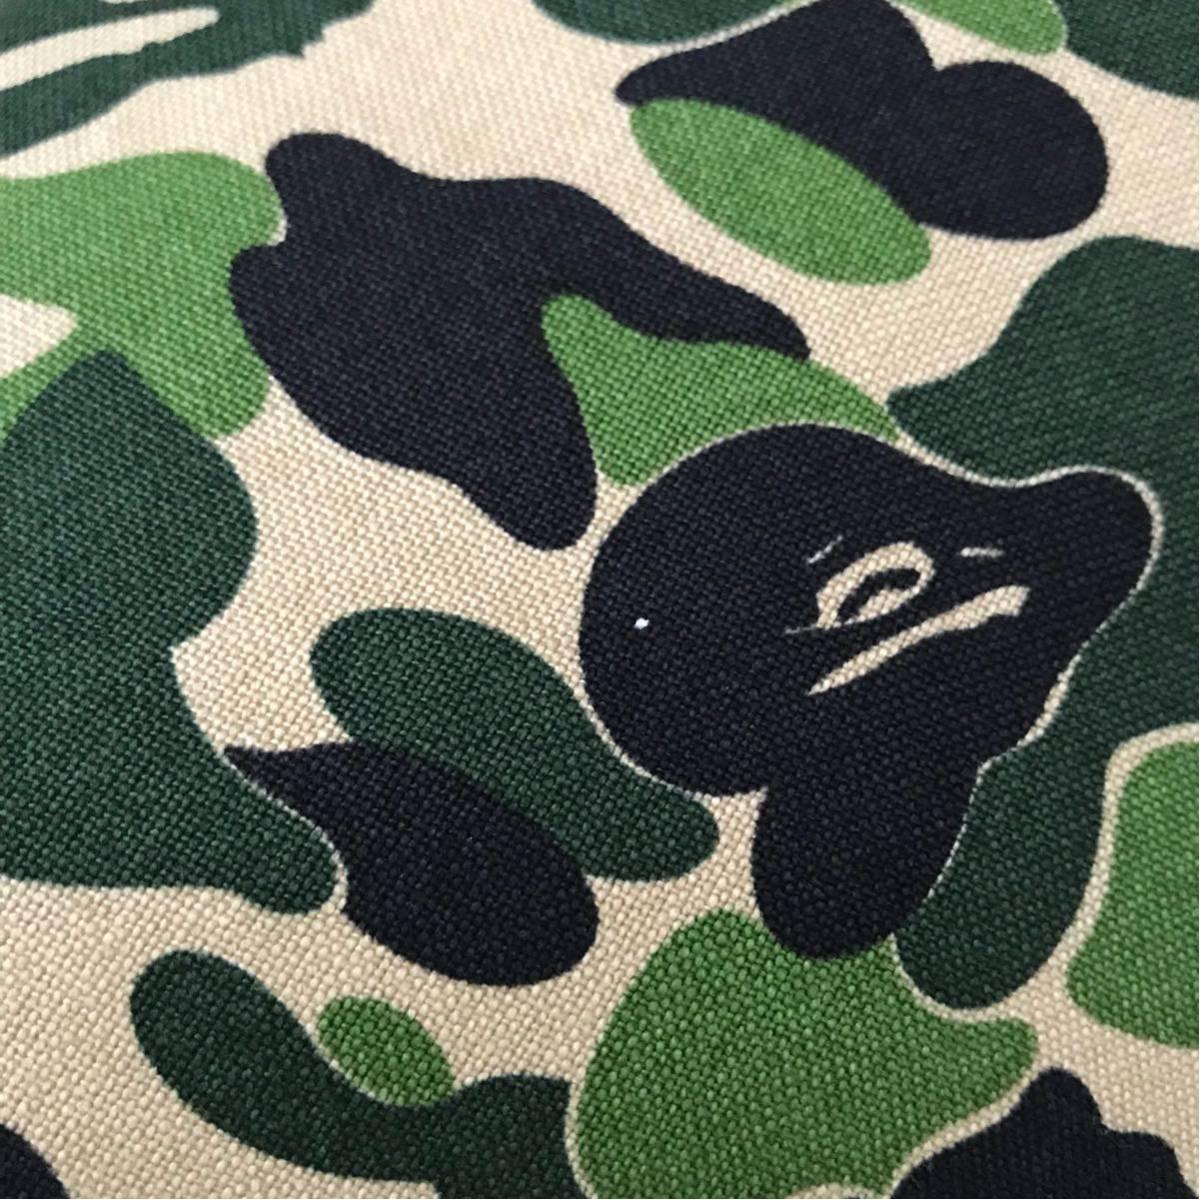 ★新品★ ABC camo green クッション a bathing ape BAPE ABCカモ cushion エイプ ベイプ アベイシングエイプ 迷彩 コレクション グッズ